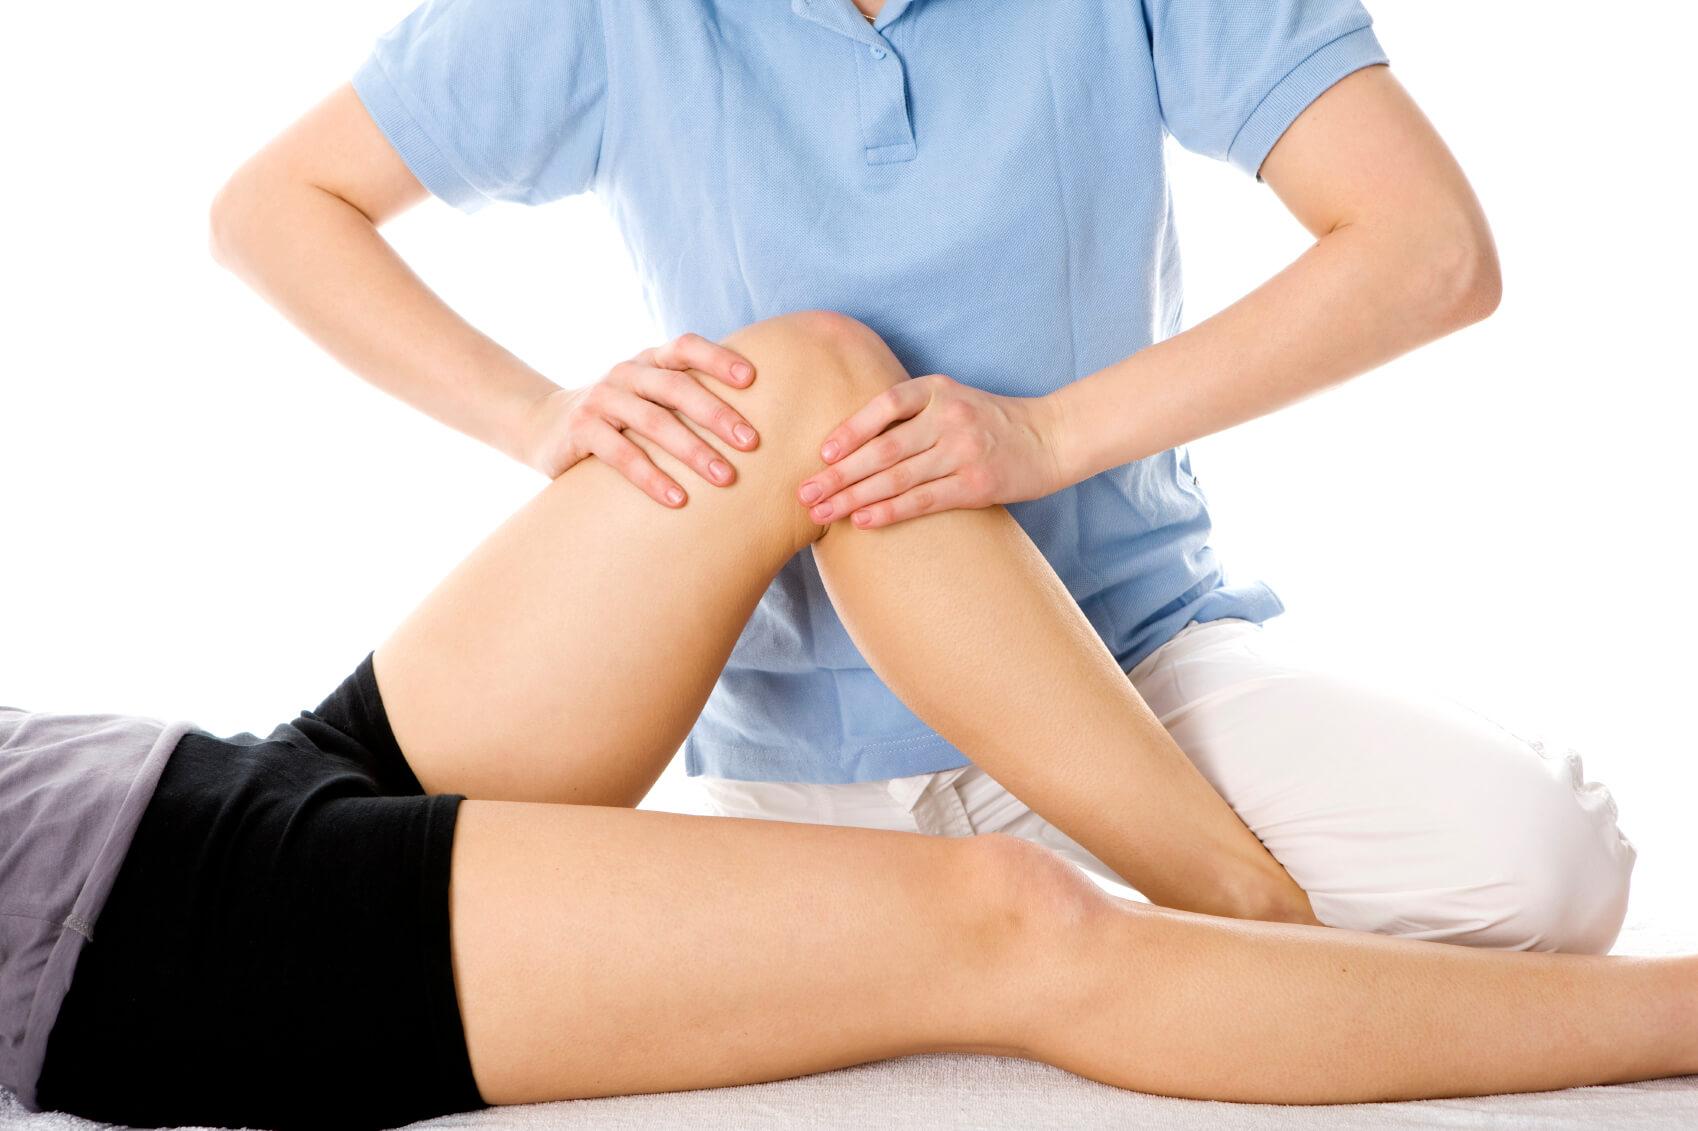 reiter ízületi kezelés fájdalom az alsó hátán és az ízületekben, miközben feláll